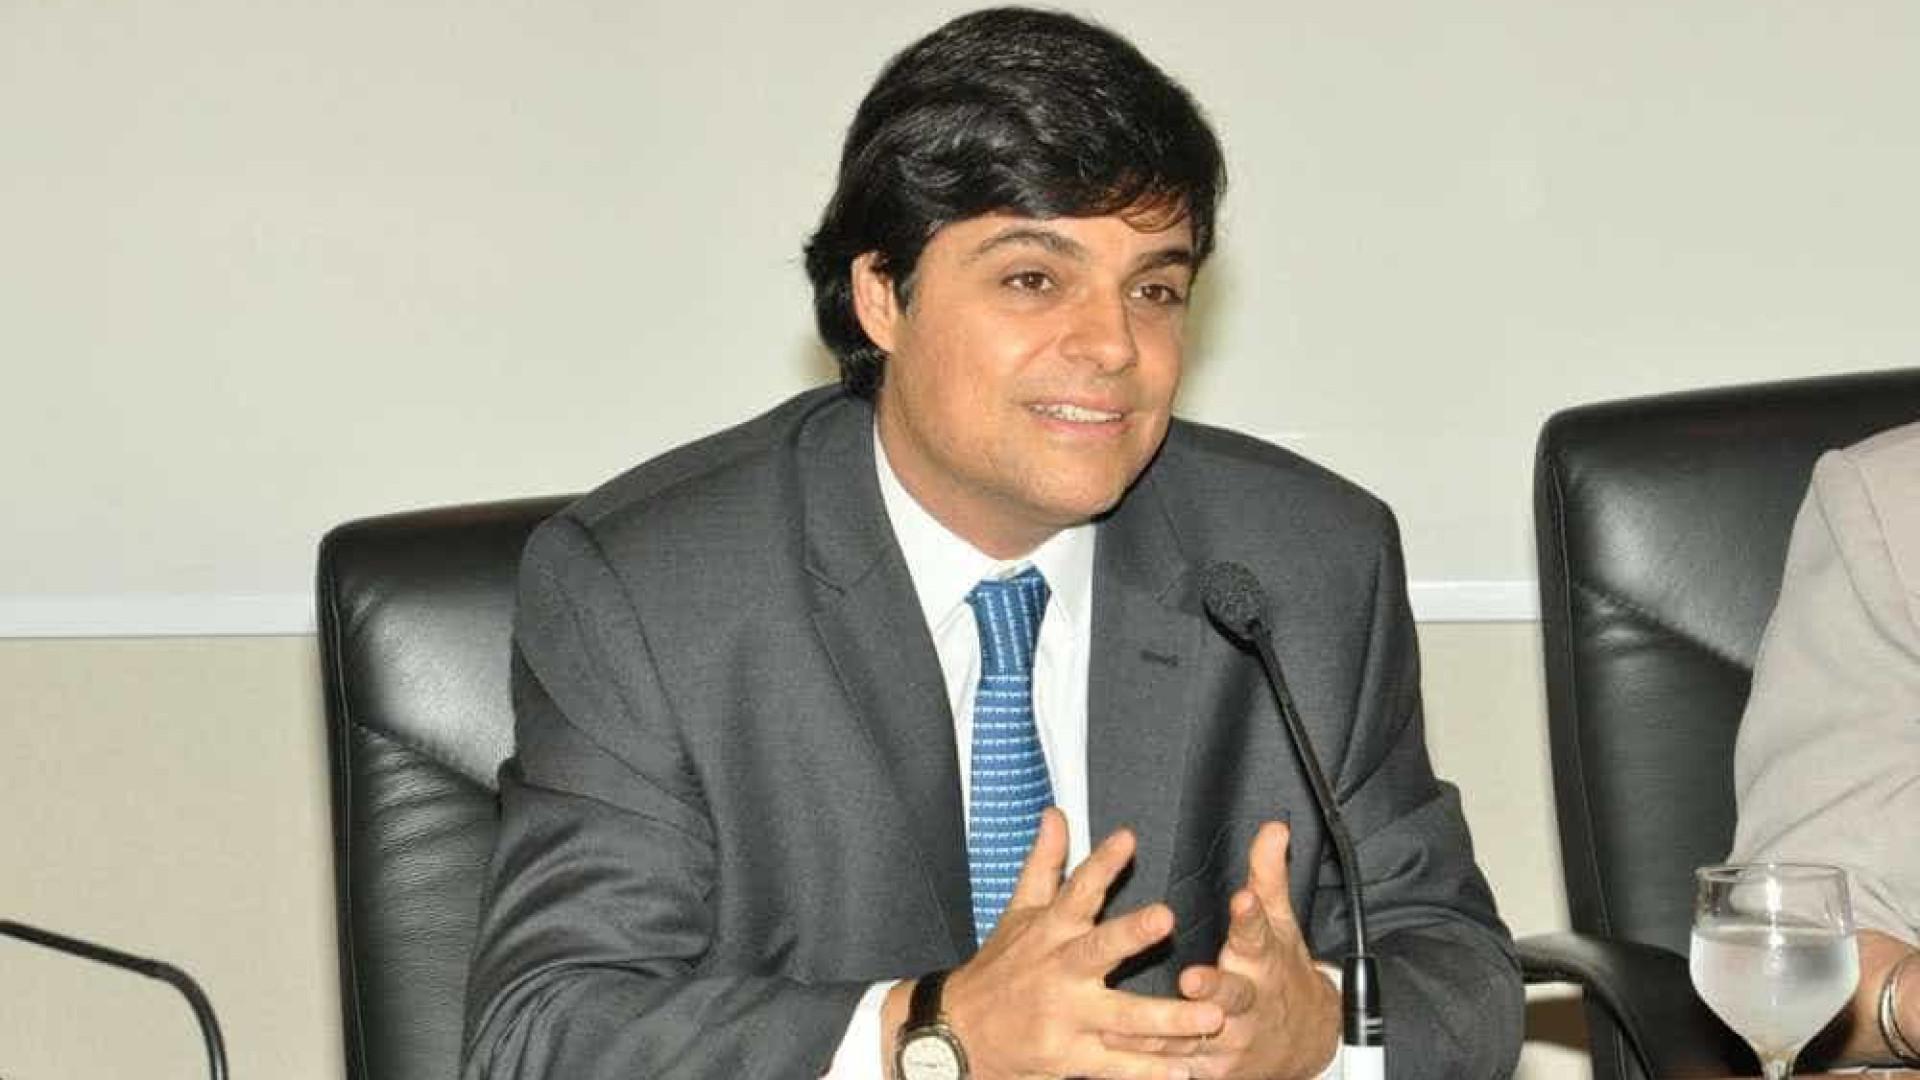 OAB de São Paulo virou caixa-preta, diz candidato a presidente